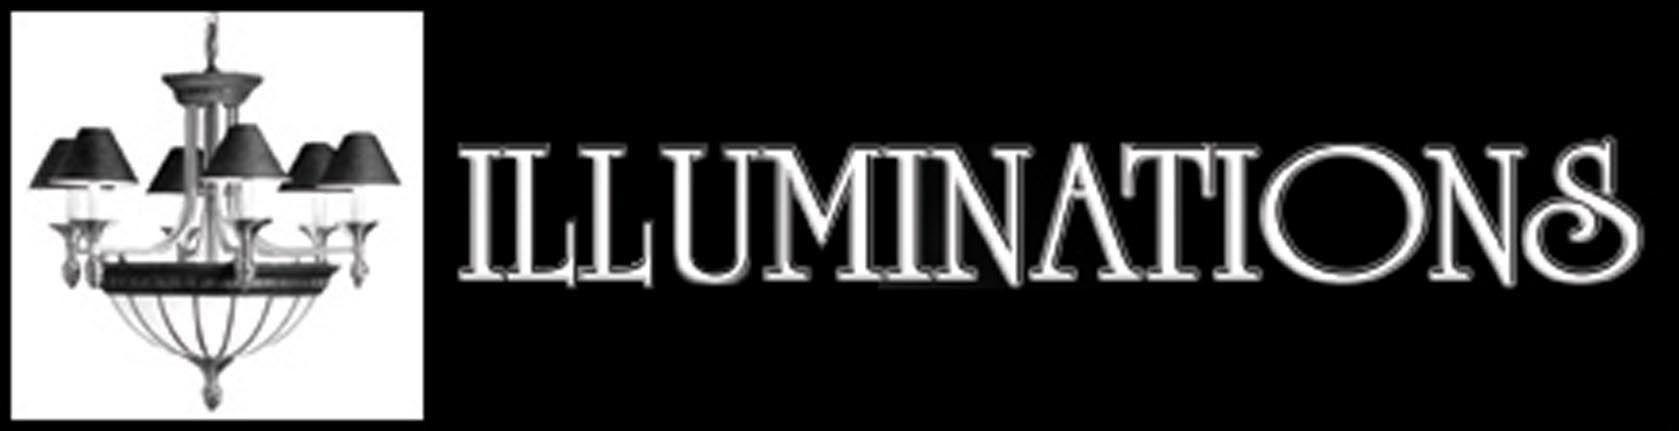 illuminations LOGO.jpg